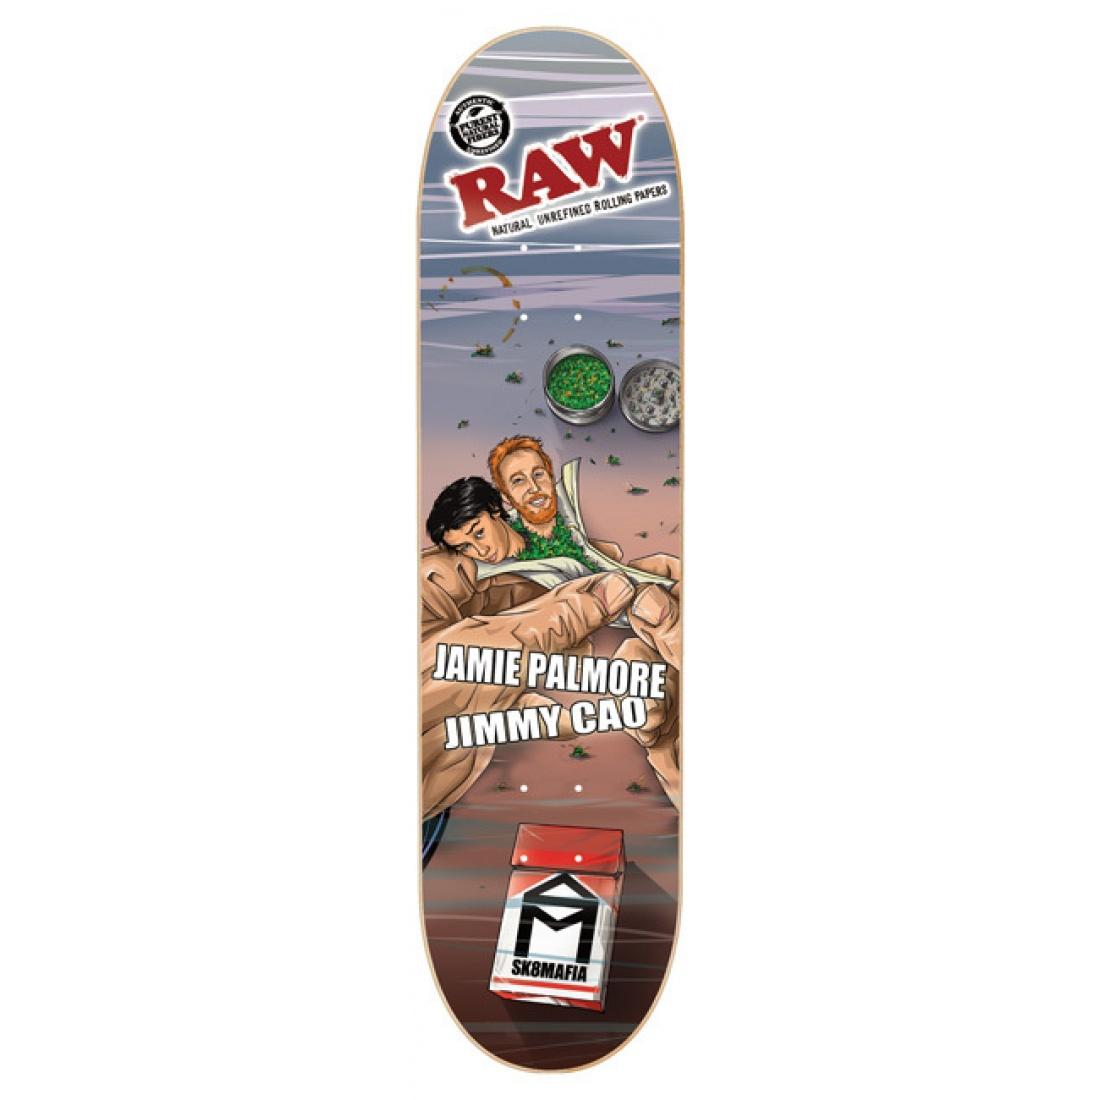 SM-Raw Cao/Palmore 8.0 Deck